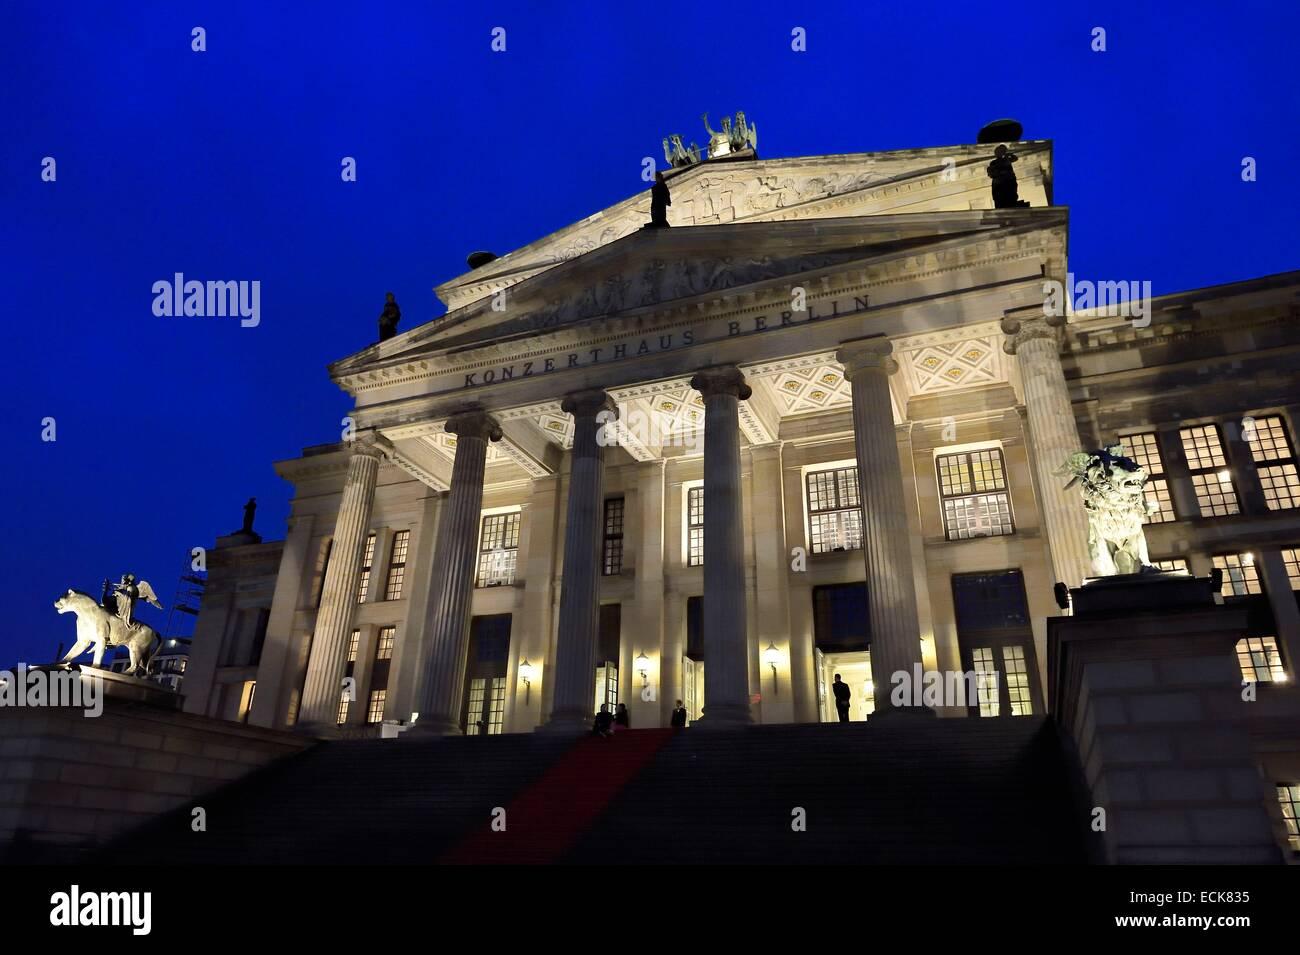 Deutschland, Berlin, Bezirk Mitte, Gendarmenmarkt, das Theater Schauspielhaus (Konzerthaus) Stockfoto